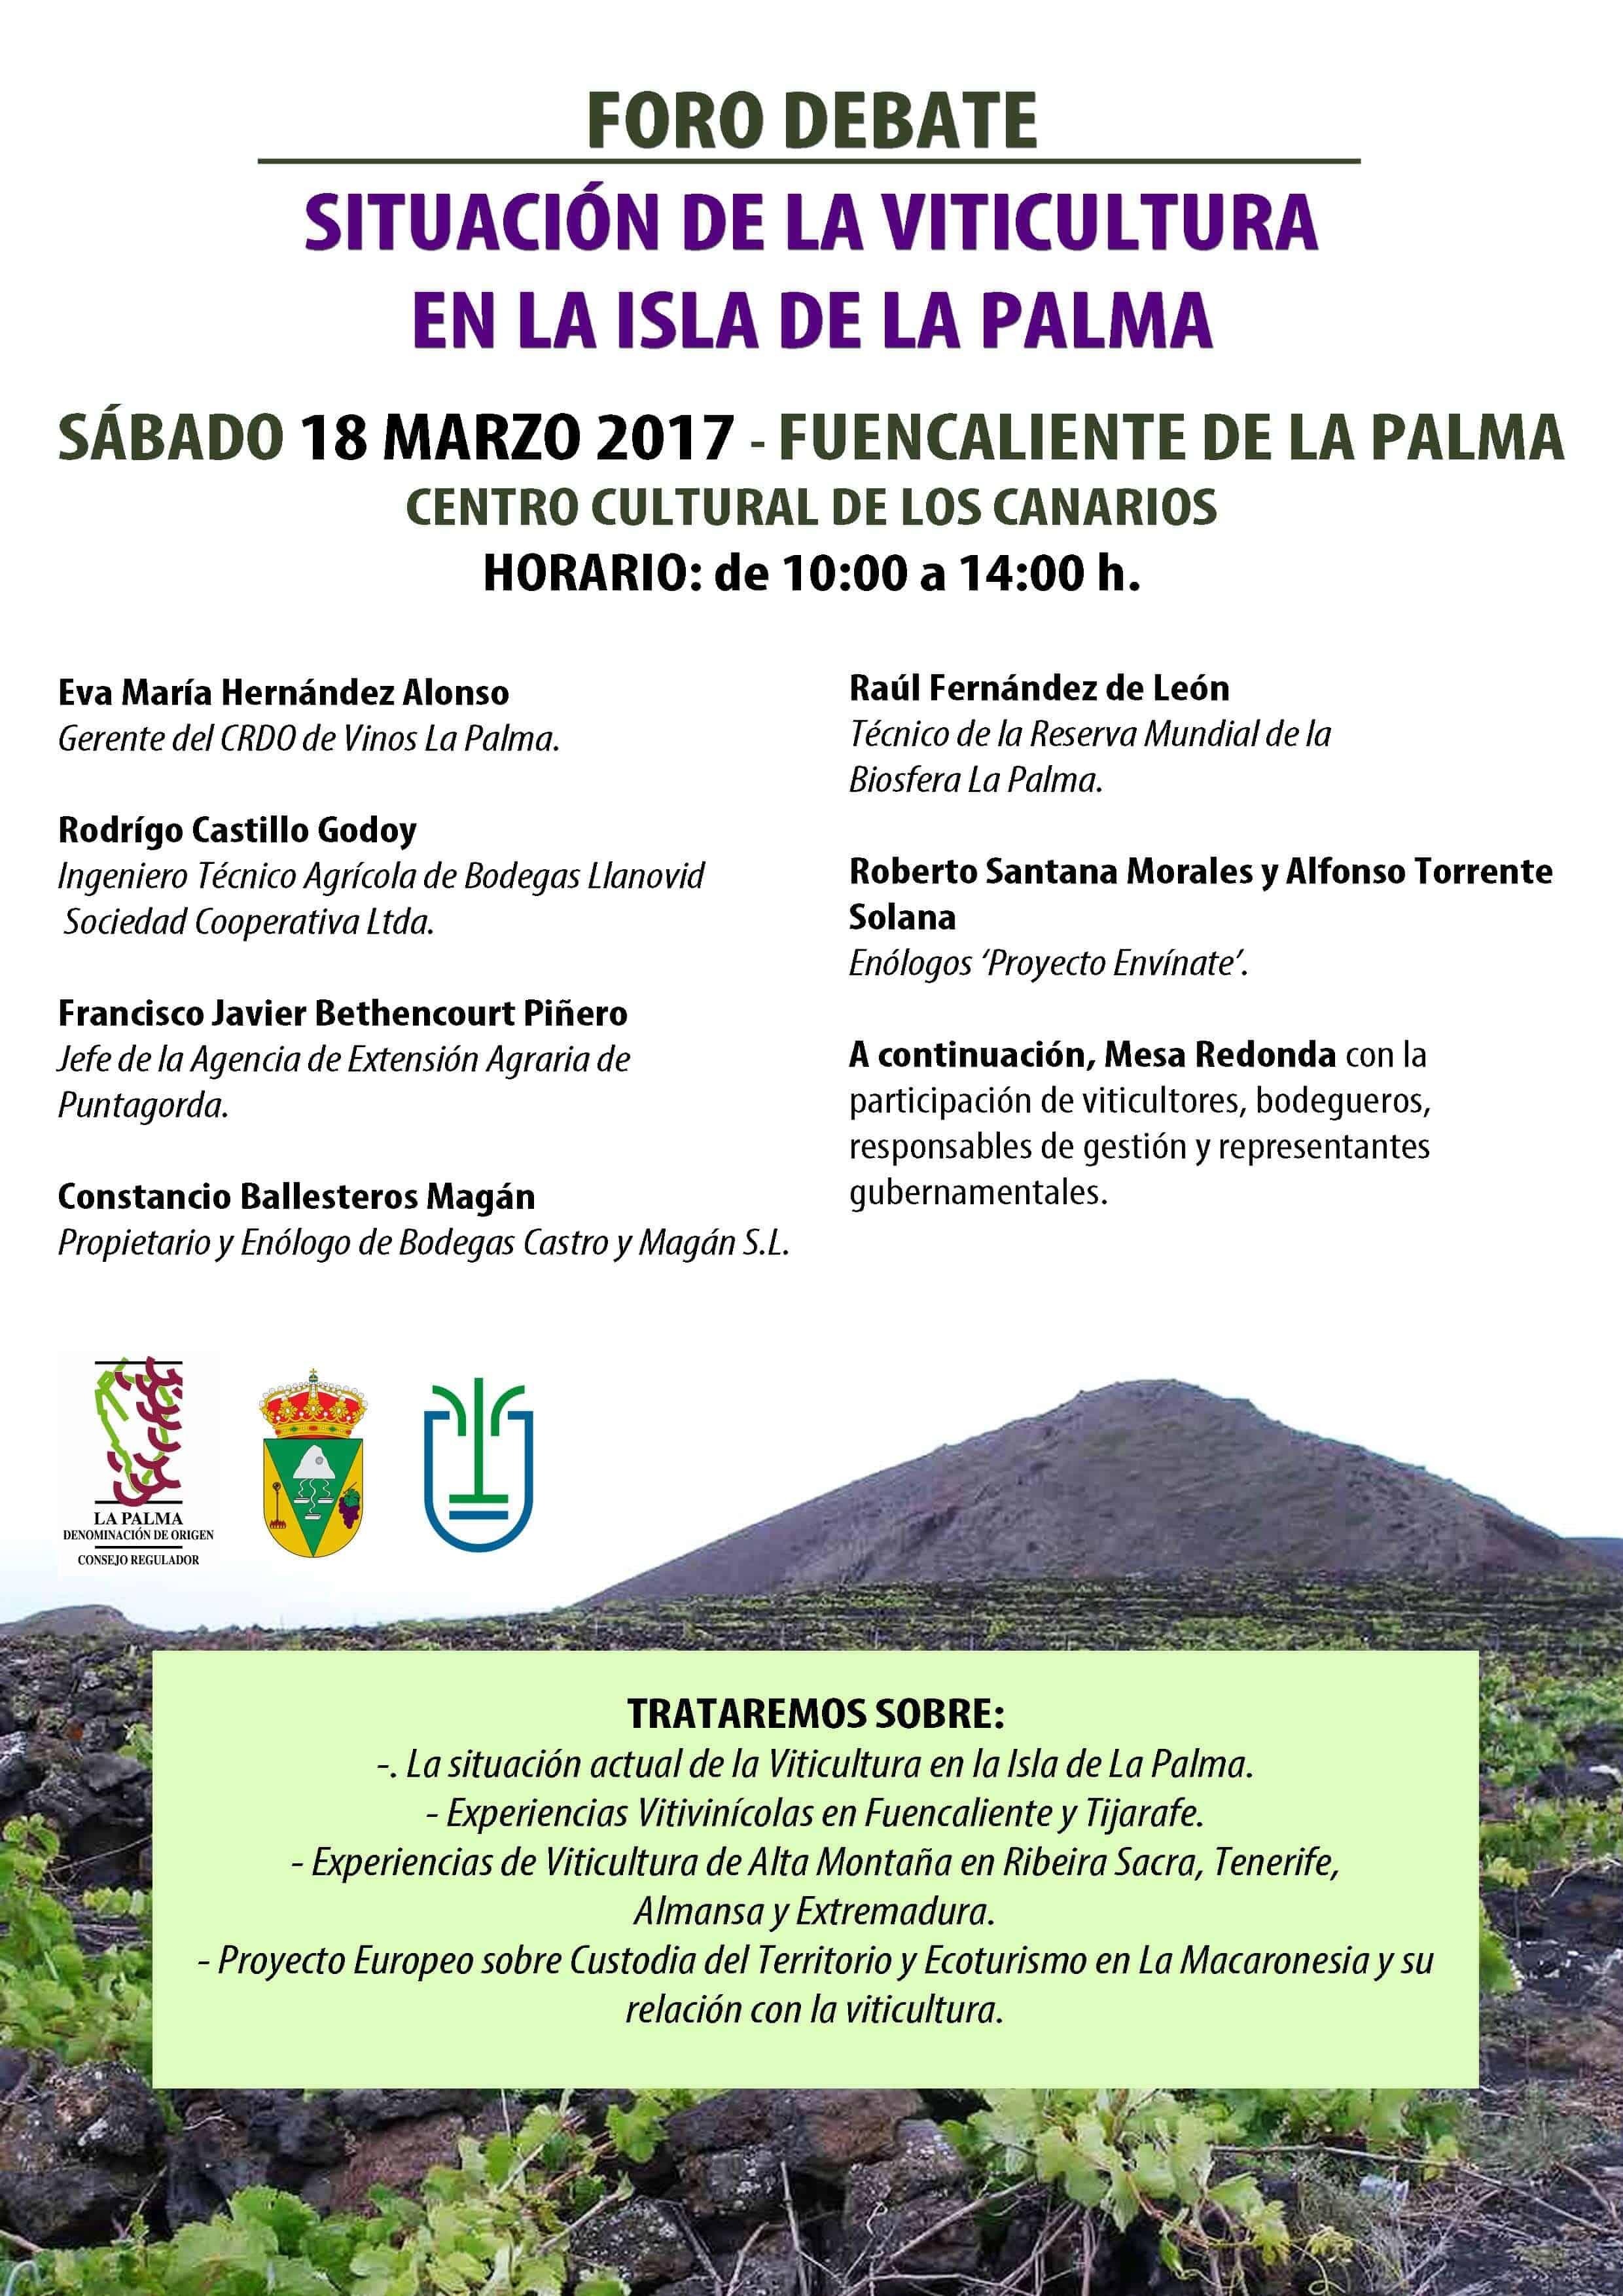 El viñedo de La Palma, a debate en Fuencaliente.